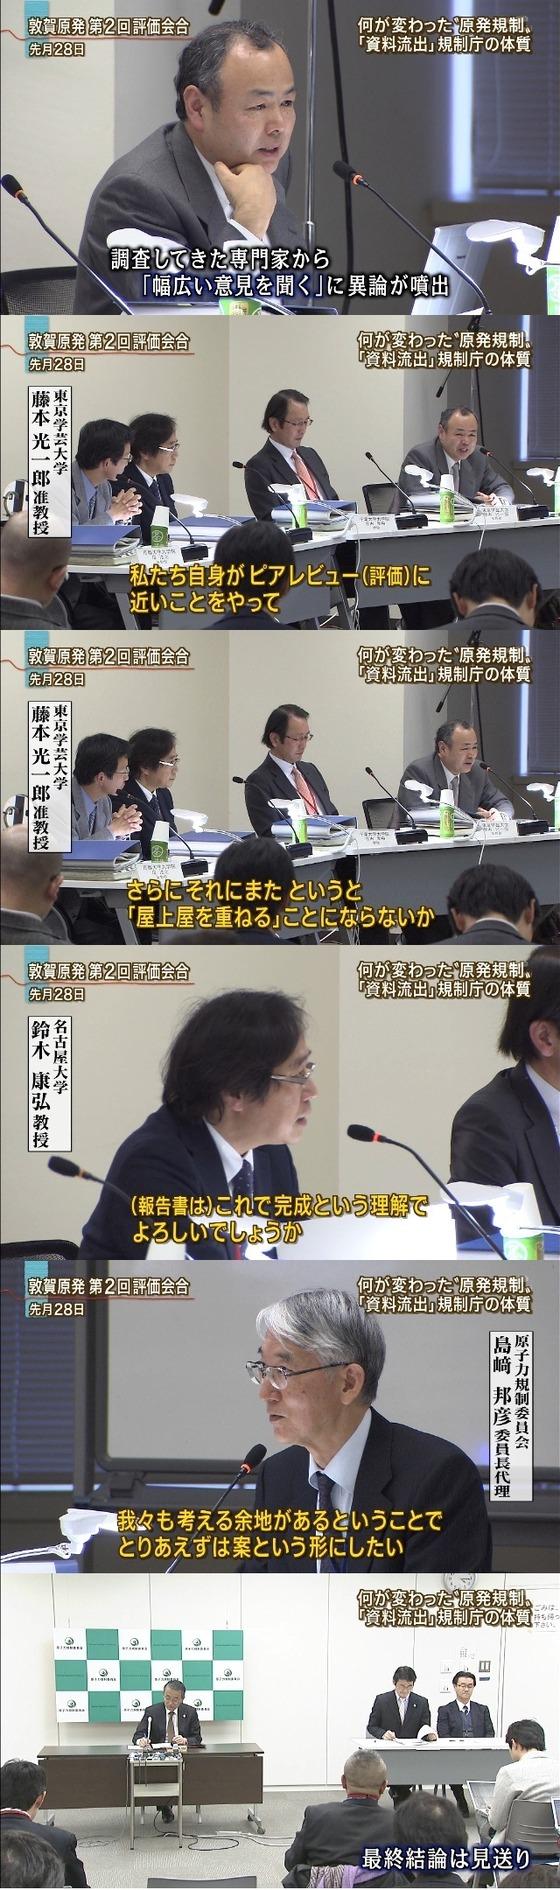 原発規制委員 規制庁が資料流出12